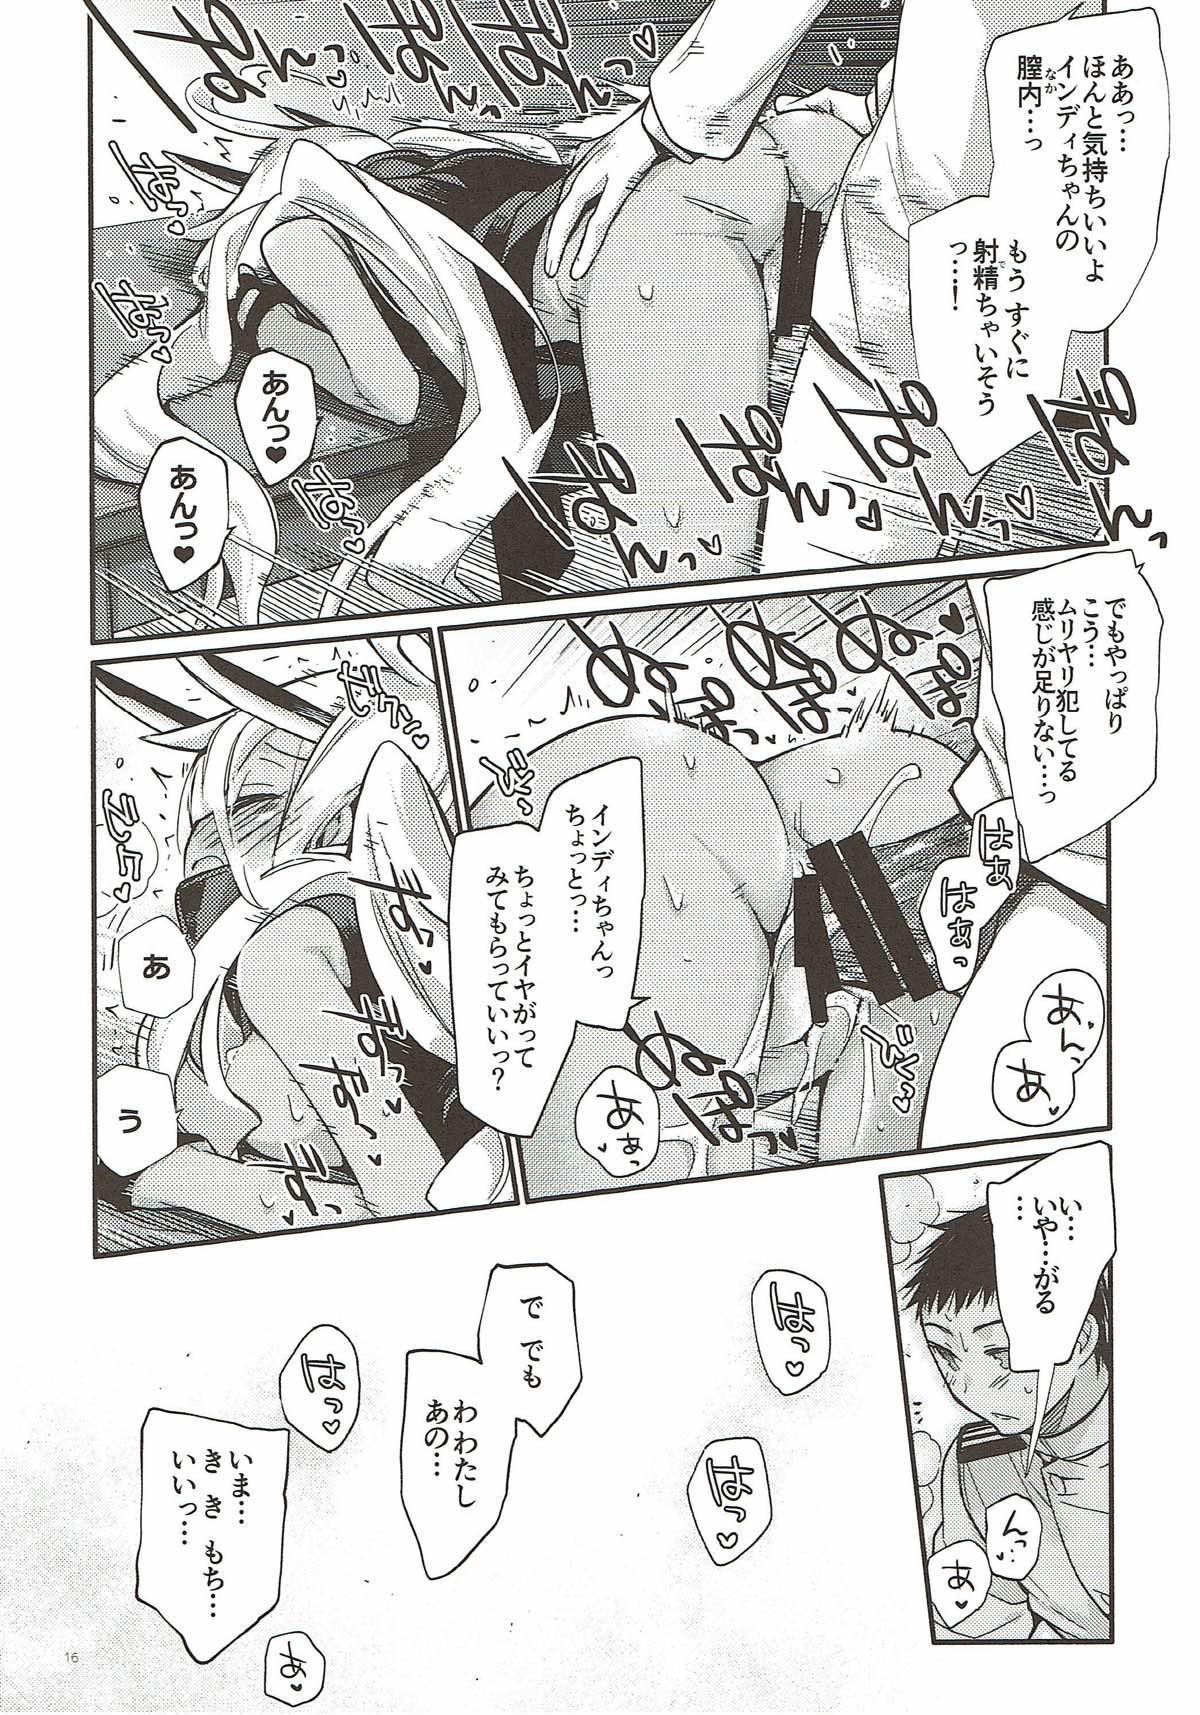 Uchi no Imouto wa Sekaiichi Kawaiin desu kedo! - My sister is a GODDESS! 12